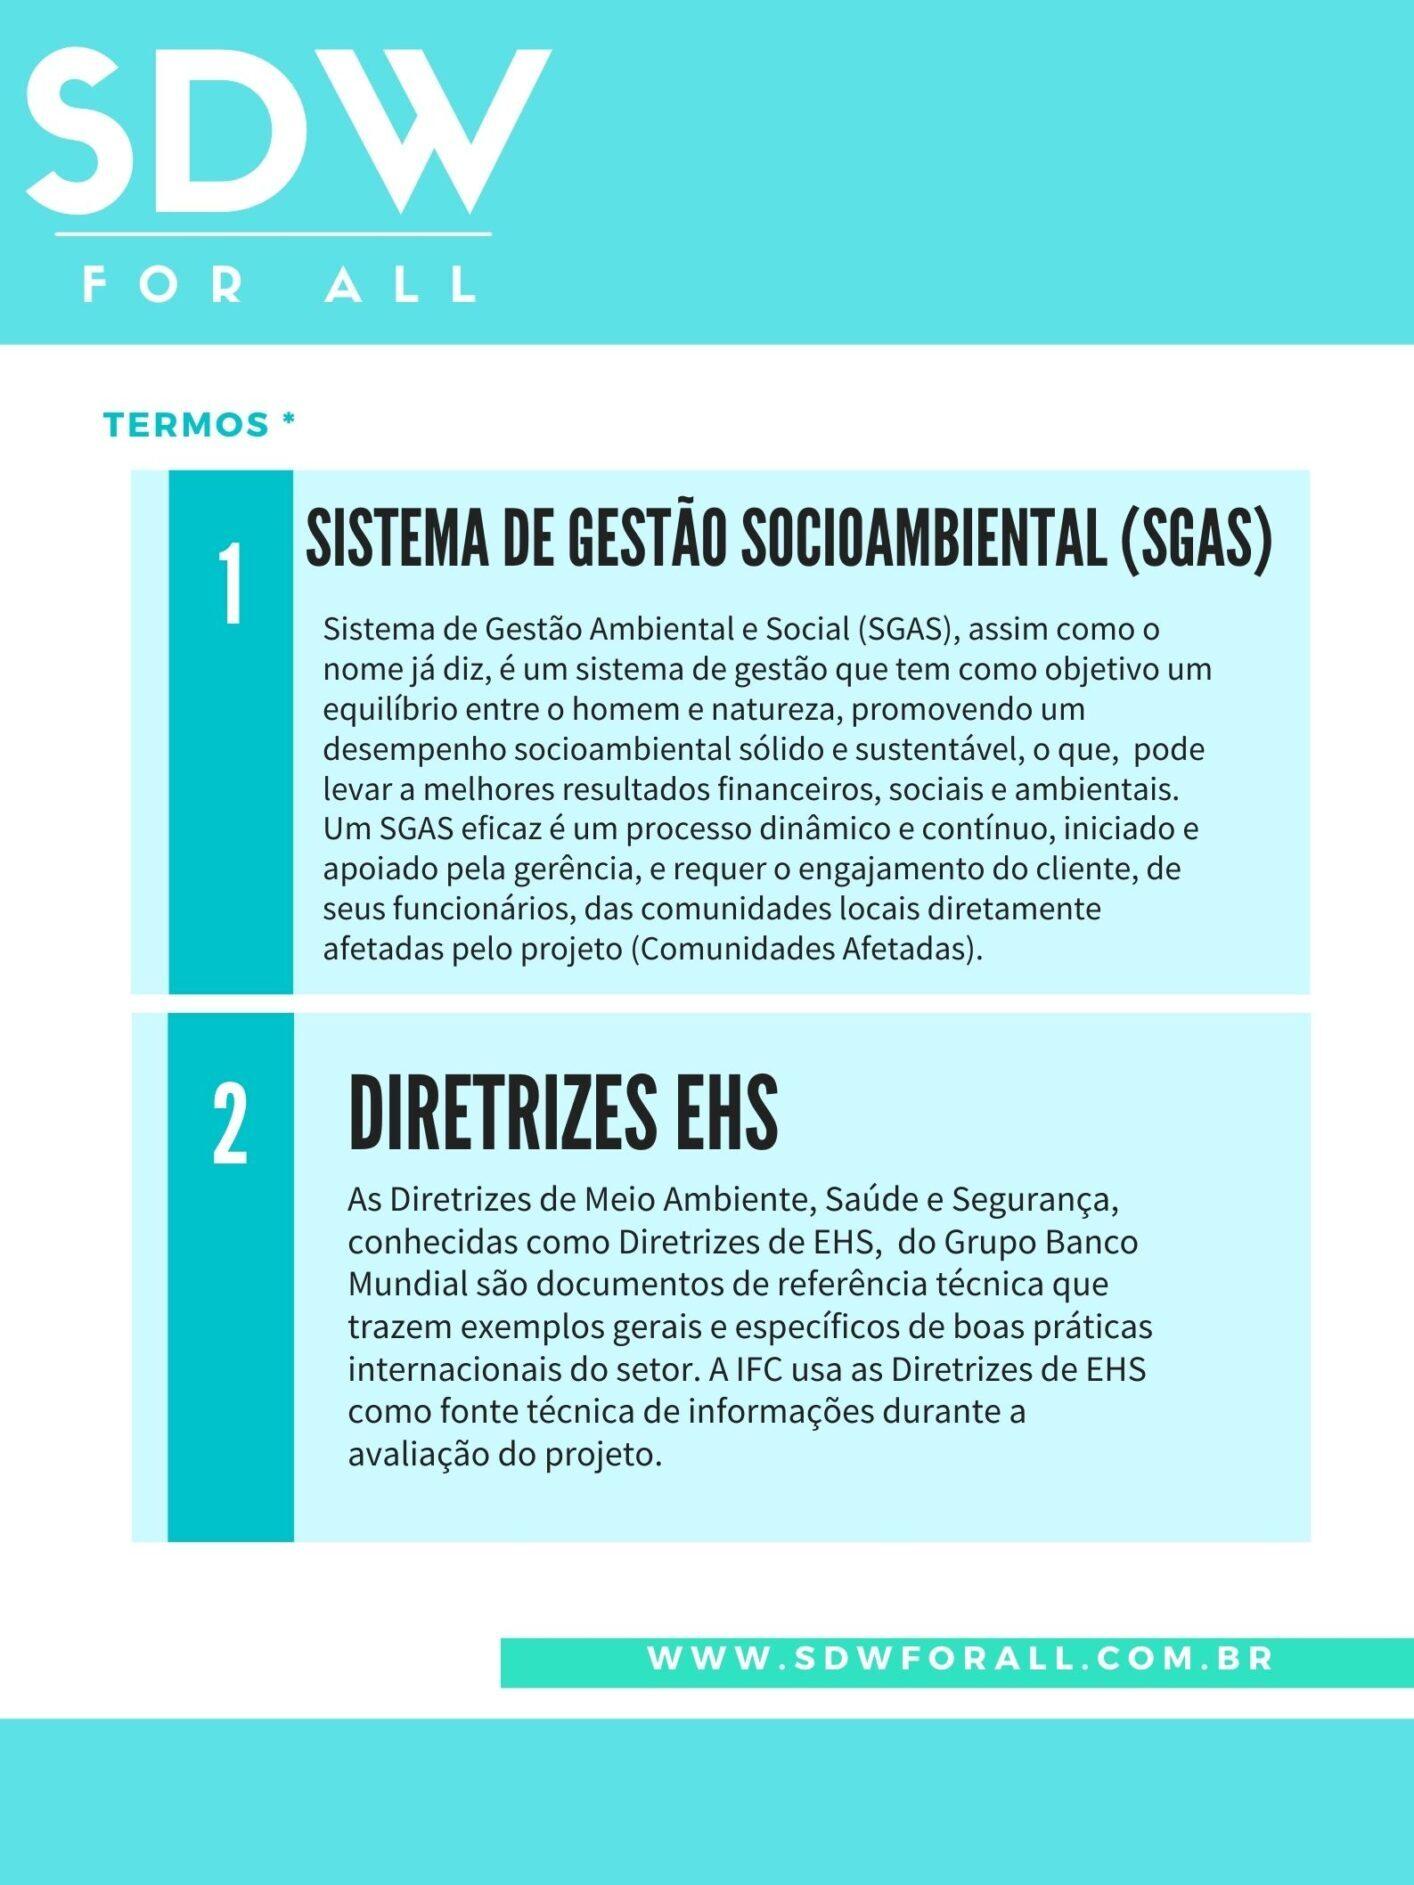 Informações sobre os termos Sistema de Gestão Socioambiental e Diretrizes EHS